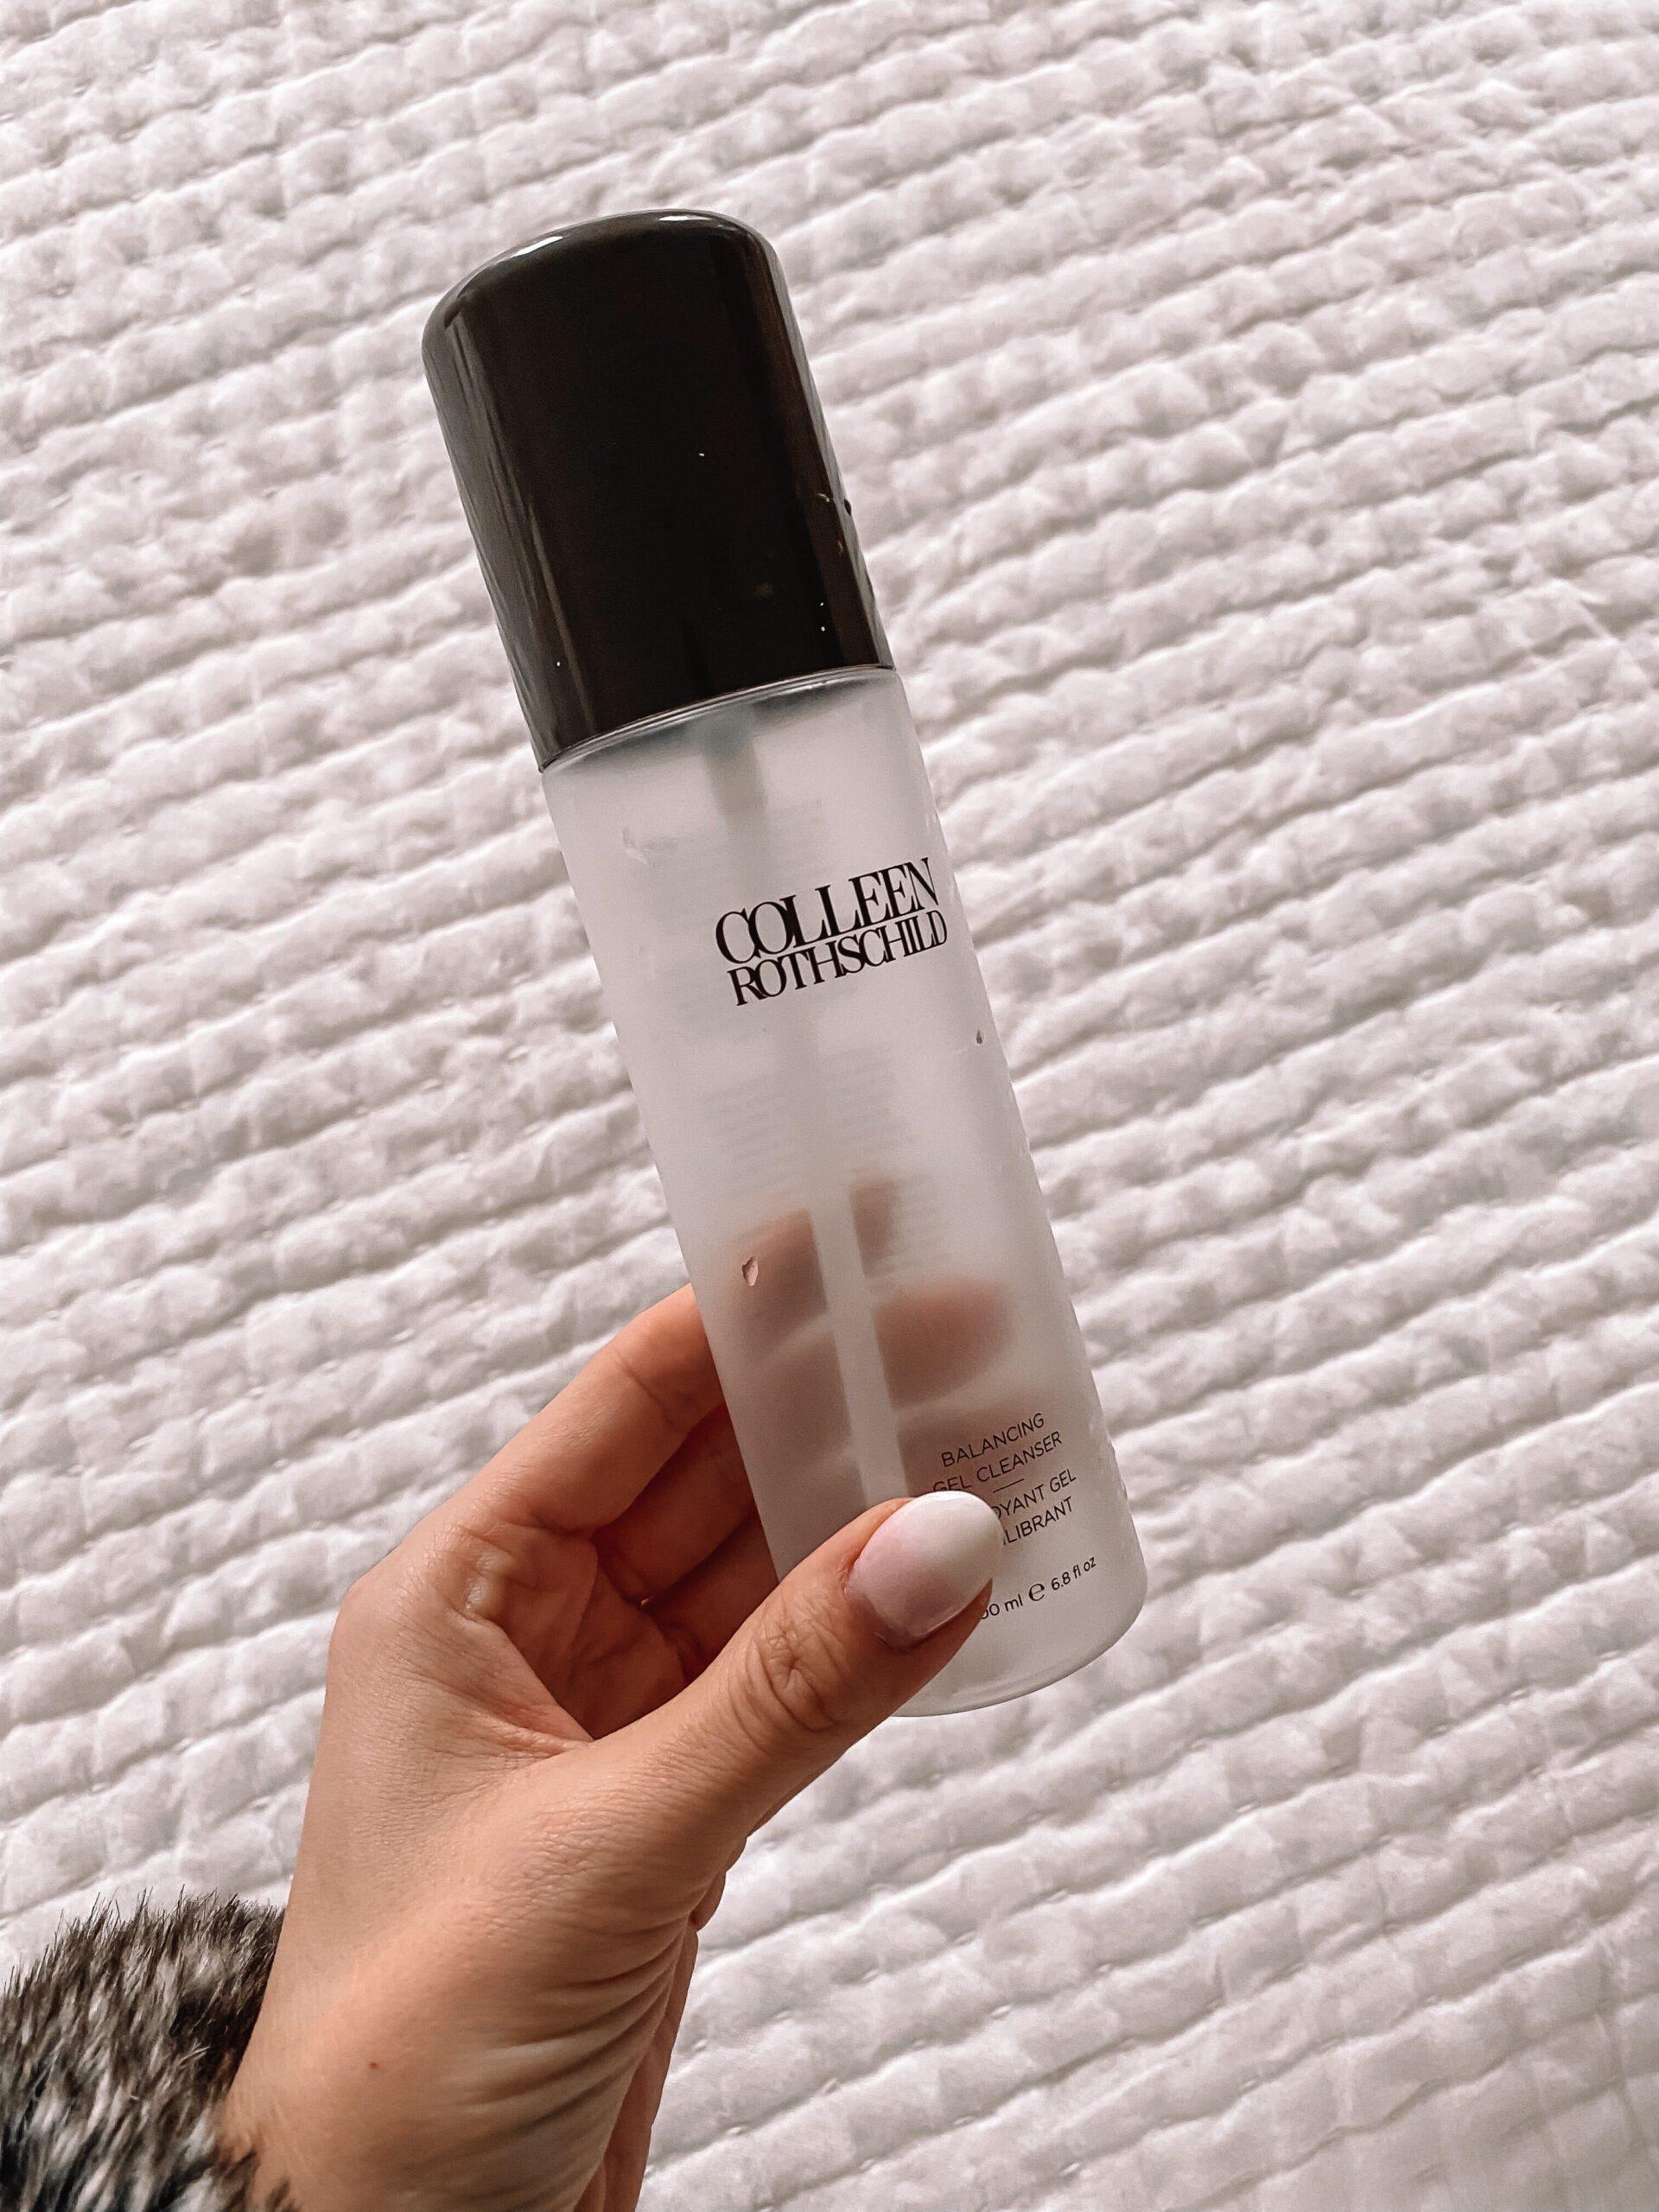 colleen rothschild gel cleanser